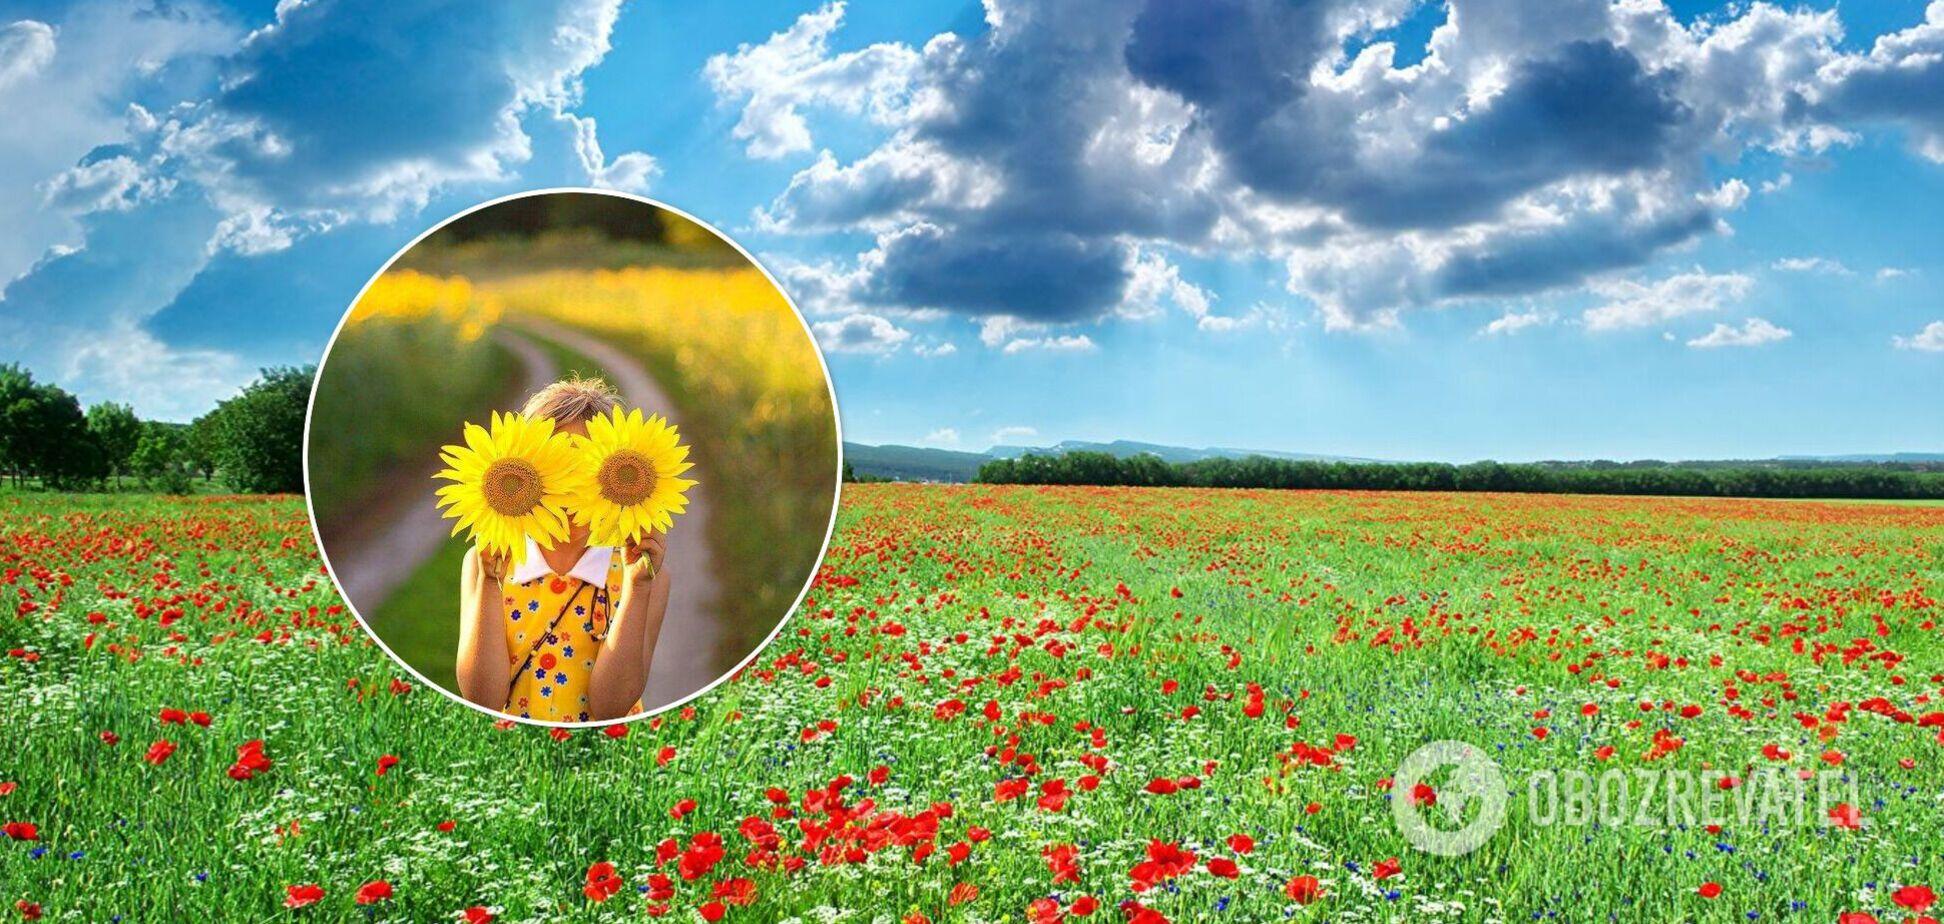 Украинцам 22 августа пообещали солнечную погоду. Карта